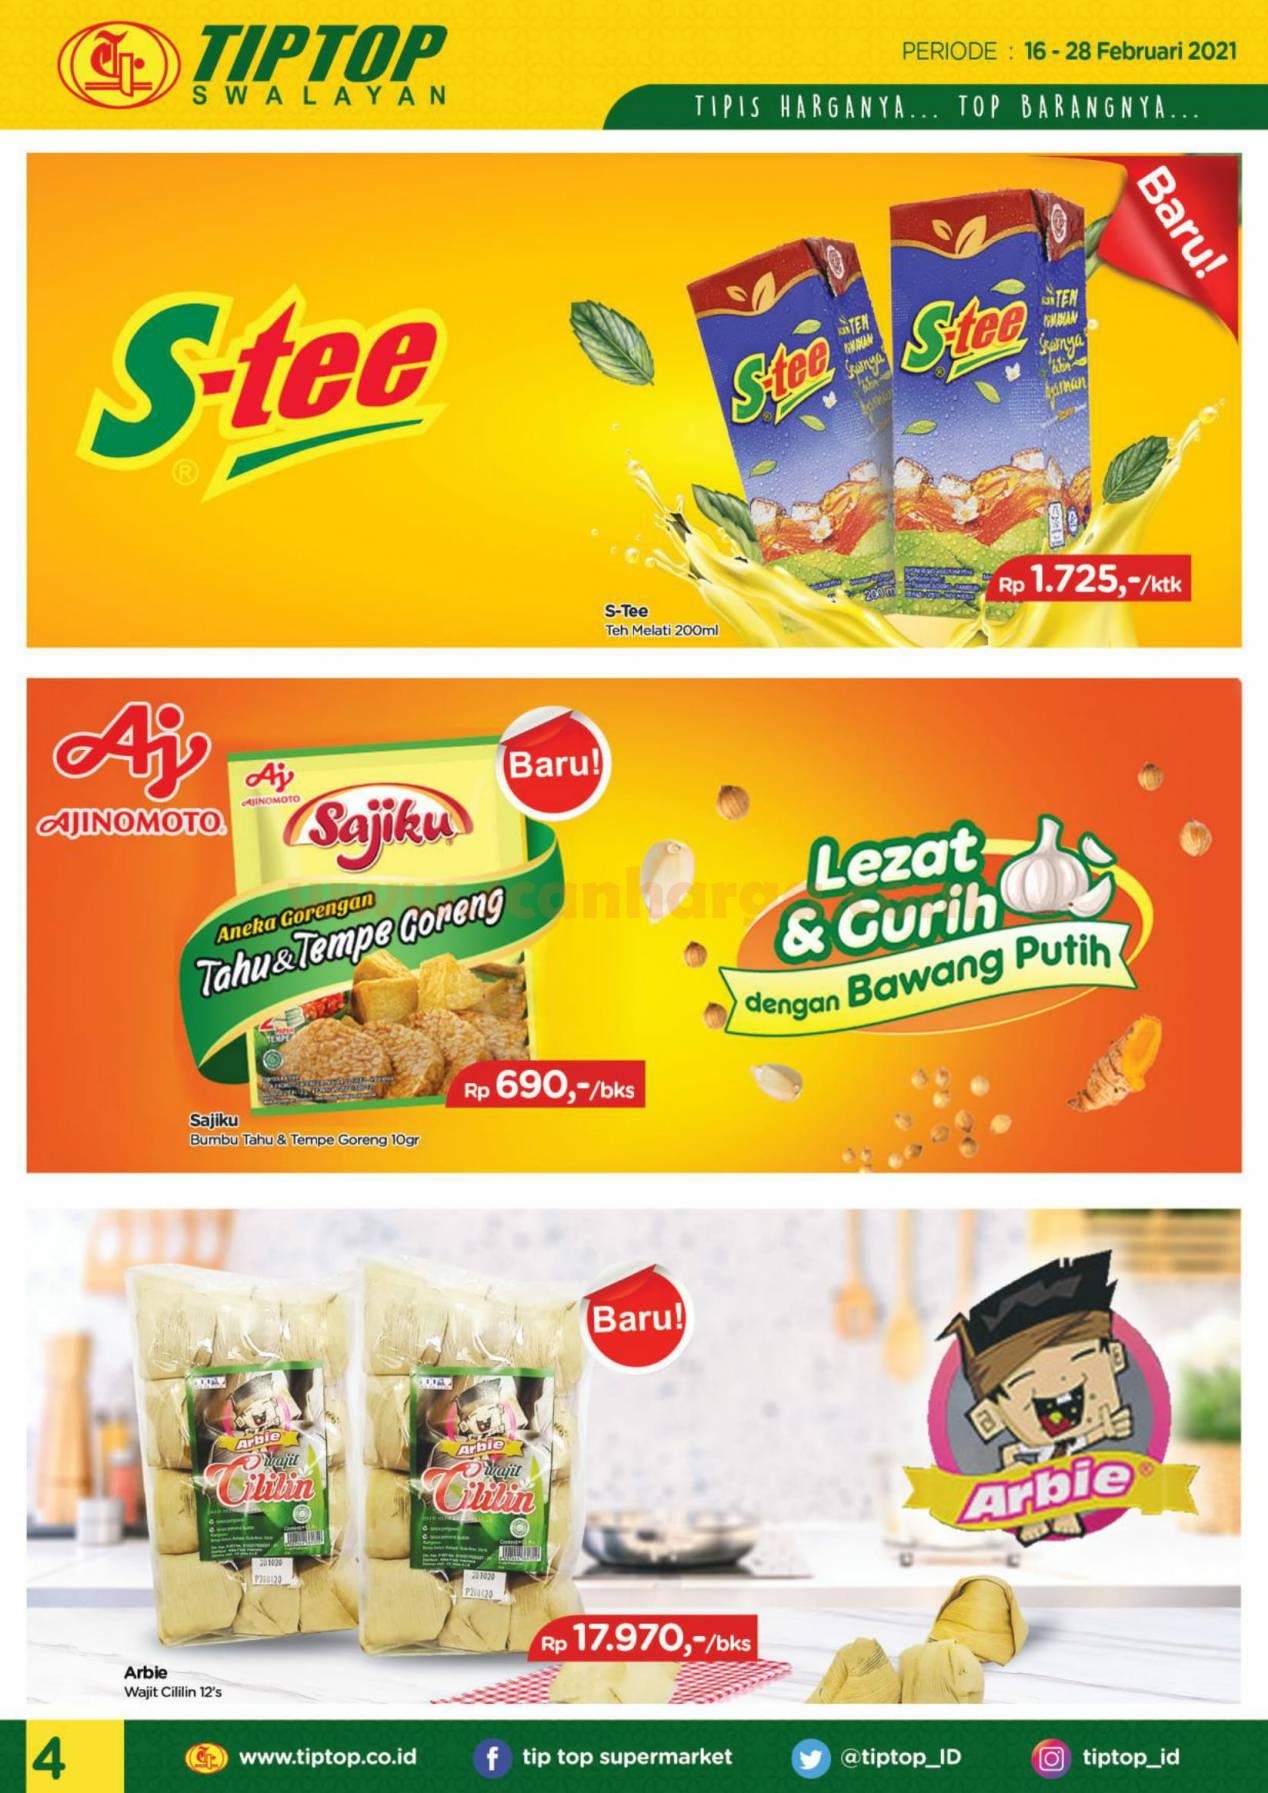 Katalog Promo Tip Top Pasar Swalayan 16 - 28 Februari 2021 4